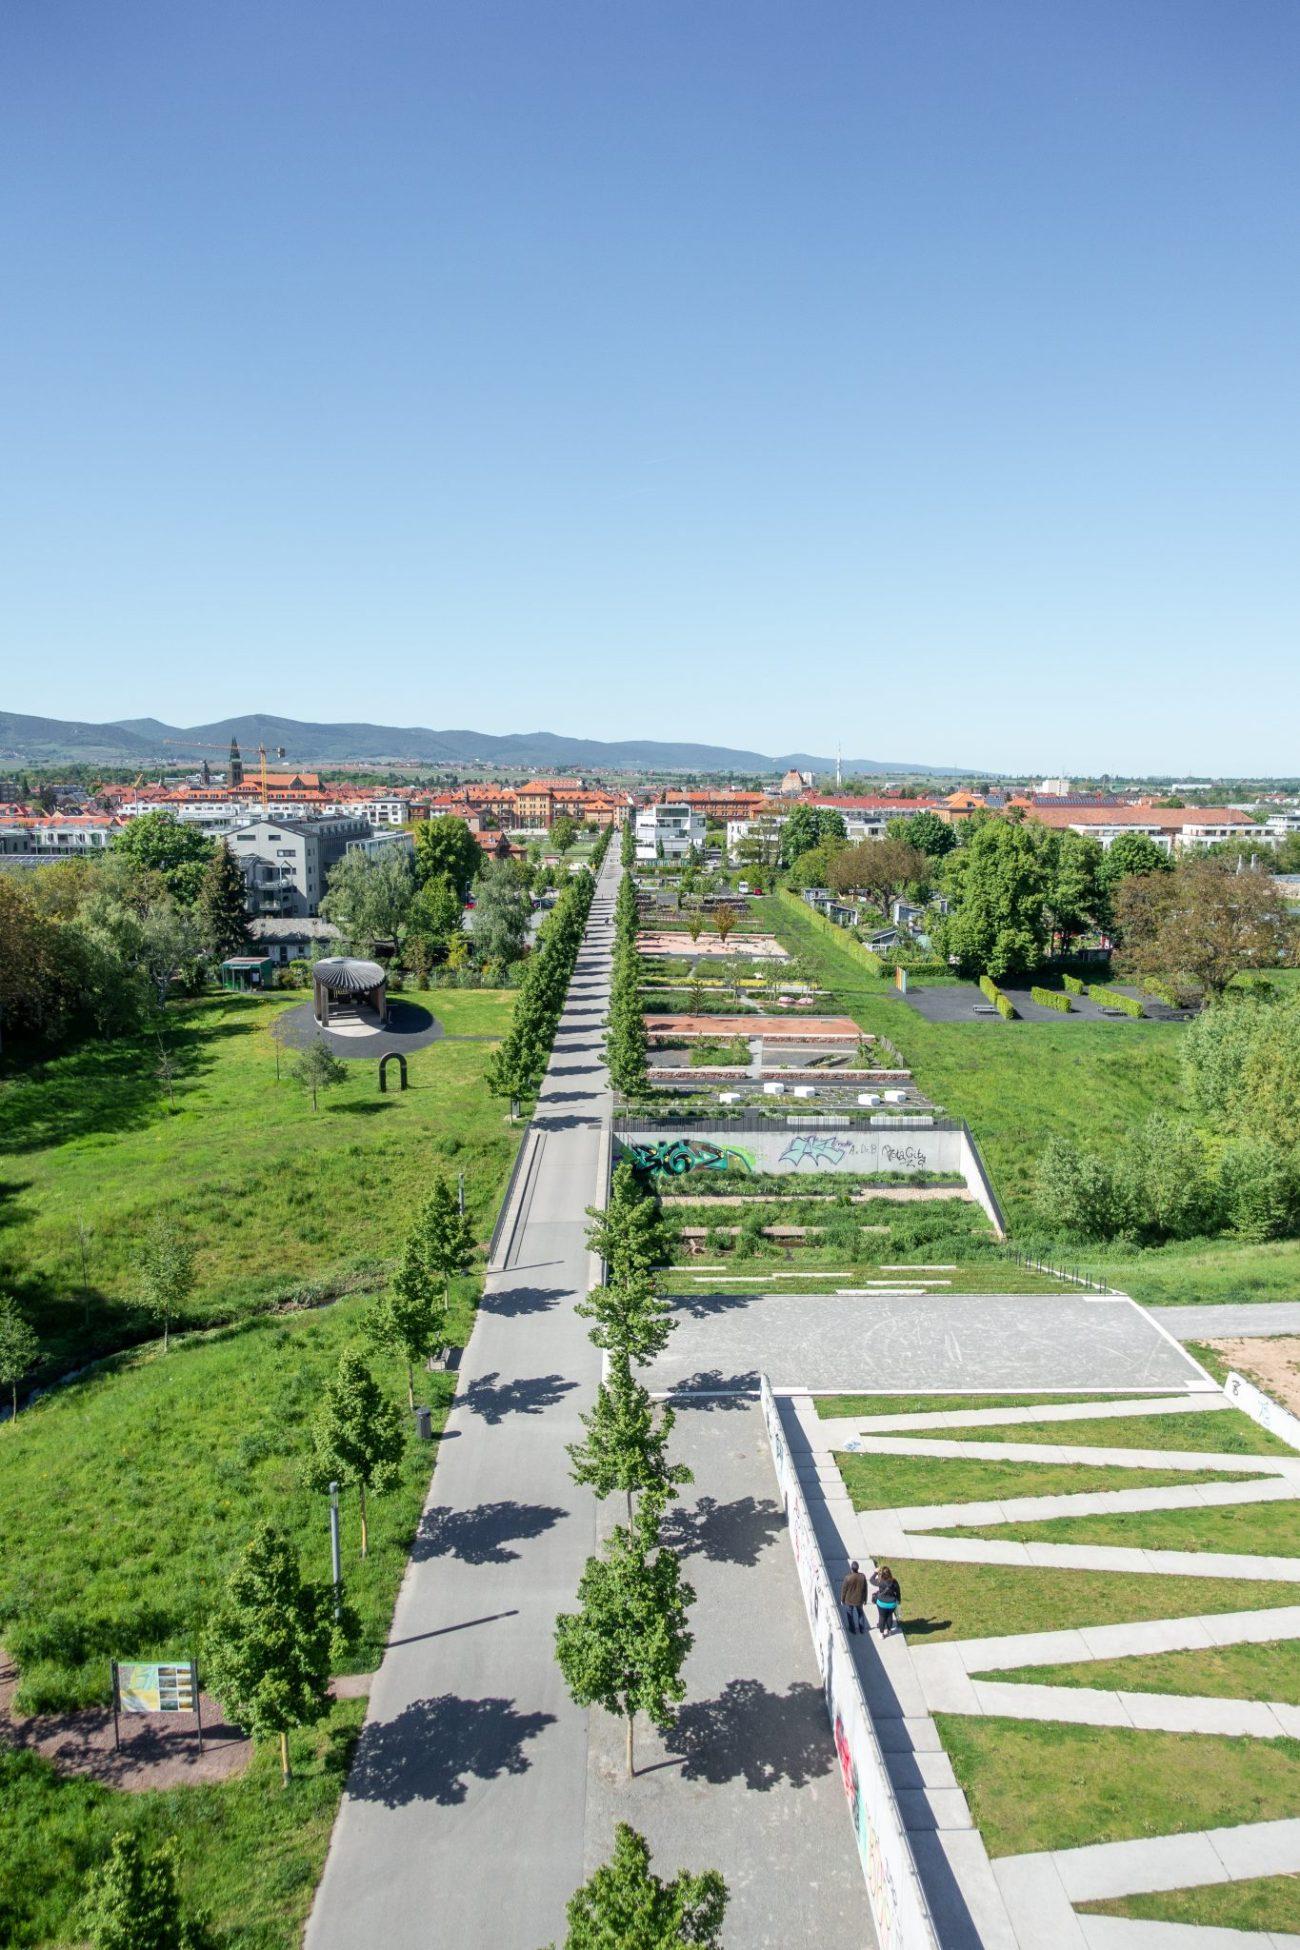 Landau-pfalz-sehenswürdigkeit-südpark-ausblick